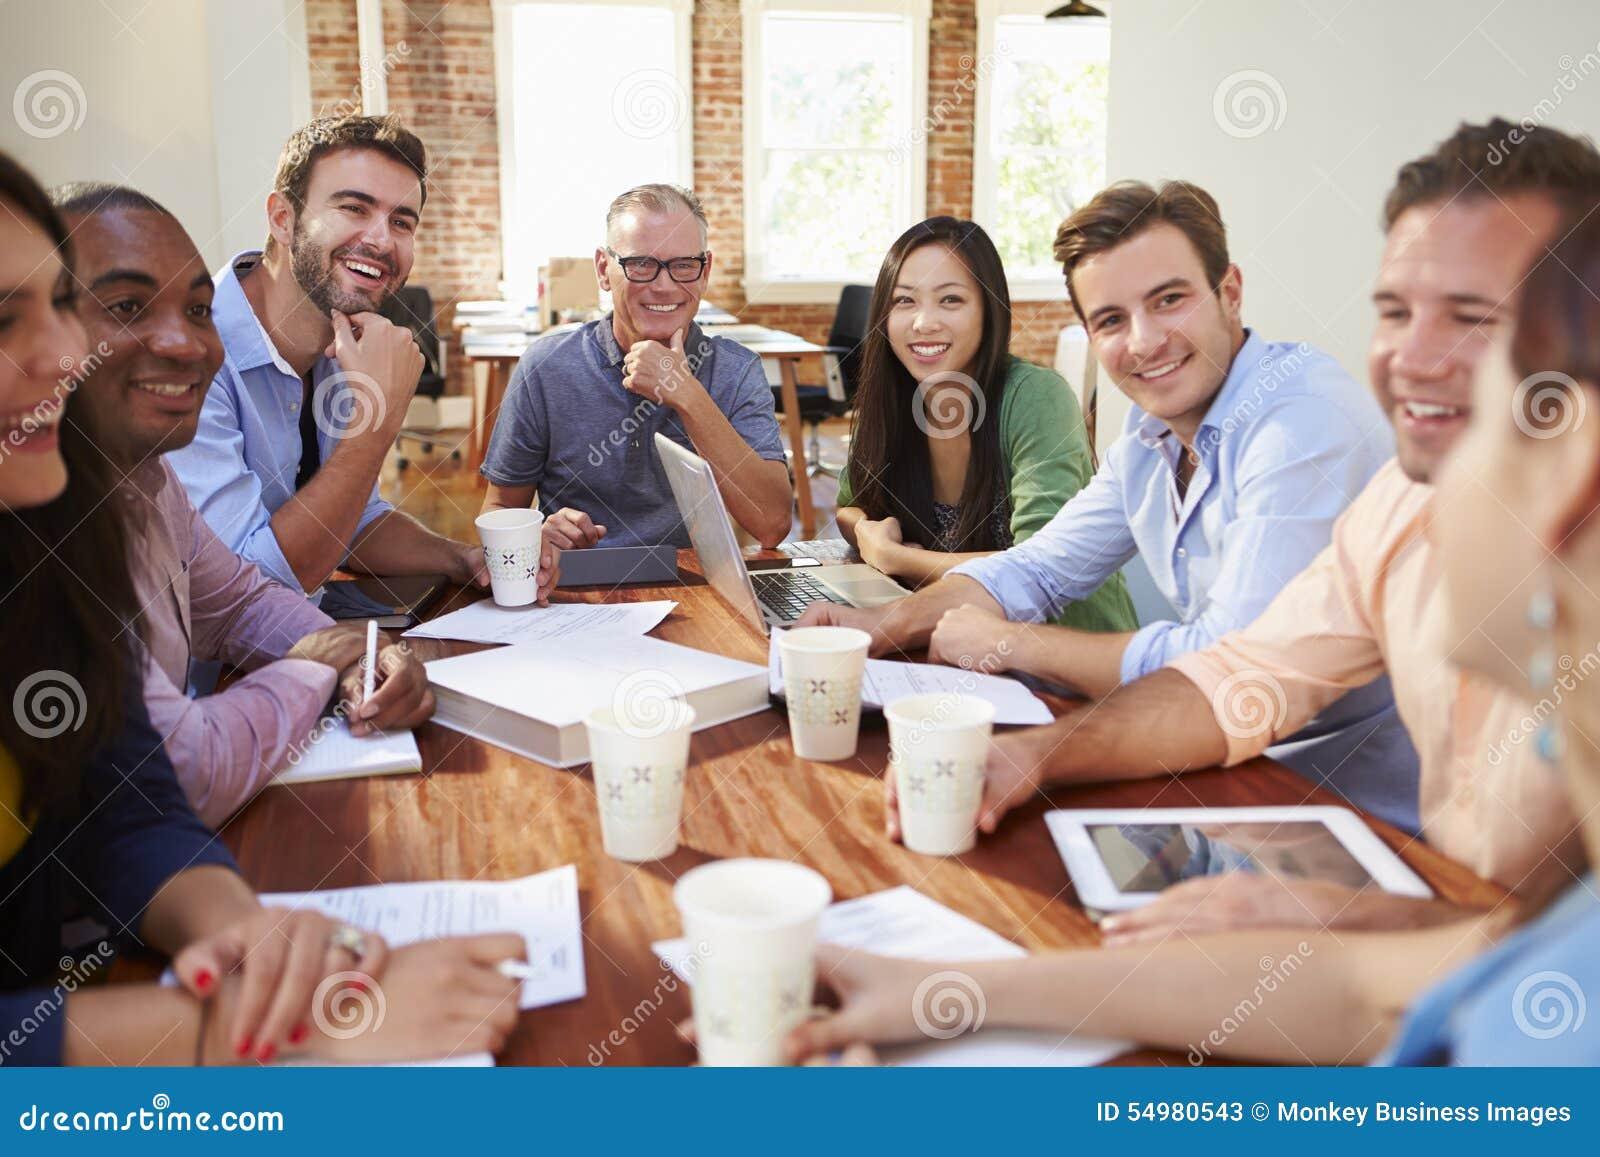 Grupp av kontorsarbetare som möter för att diskutera idéer